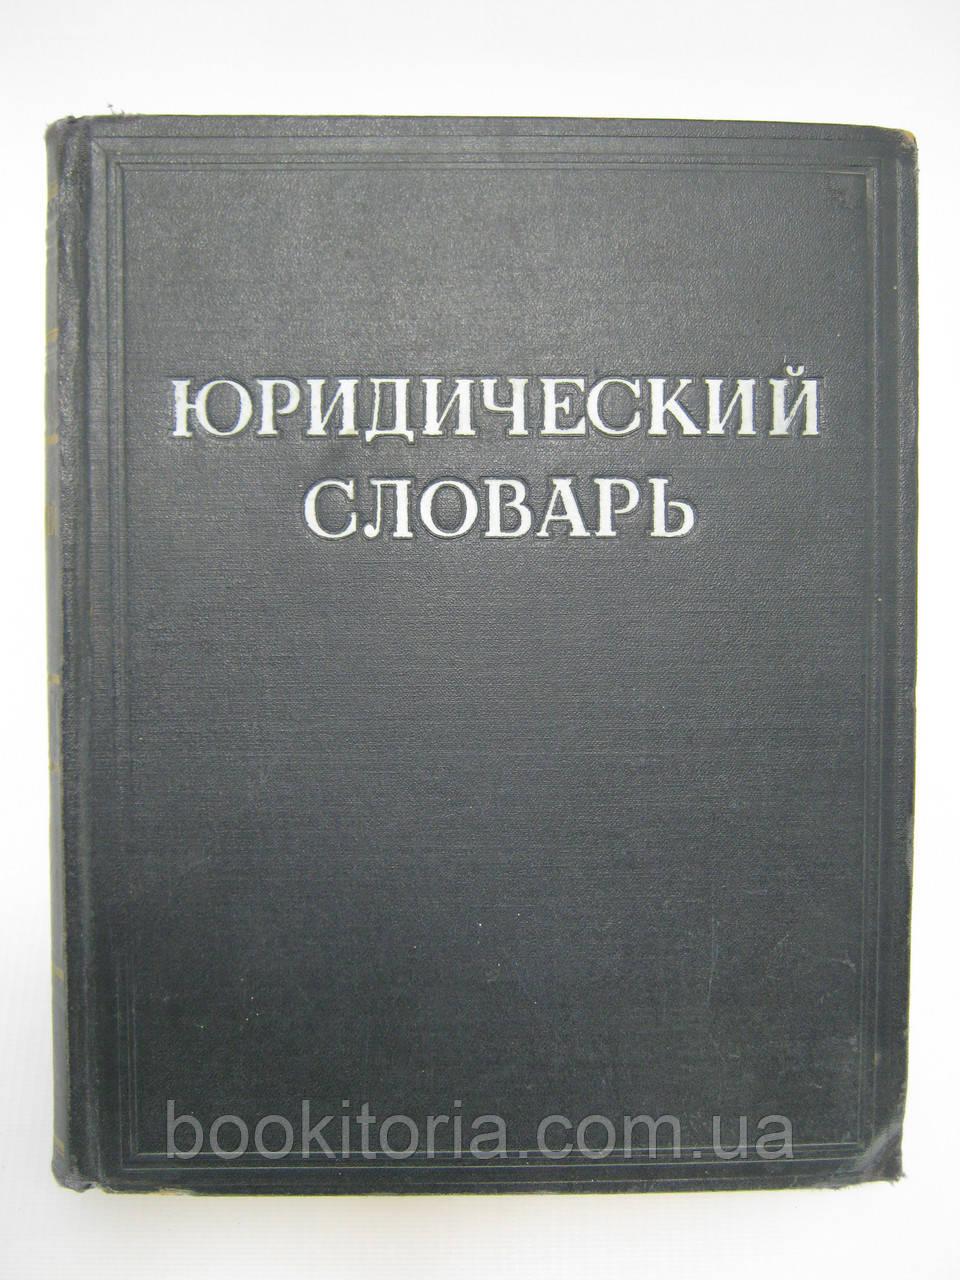 Юридический словарь (б/у).